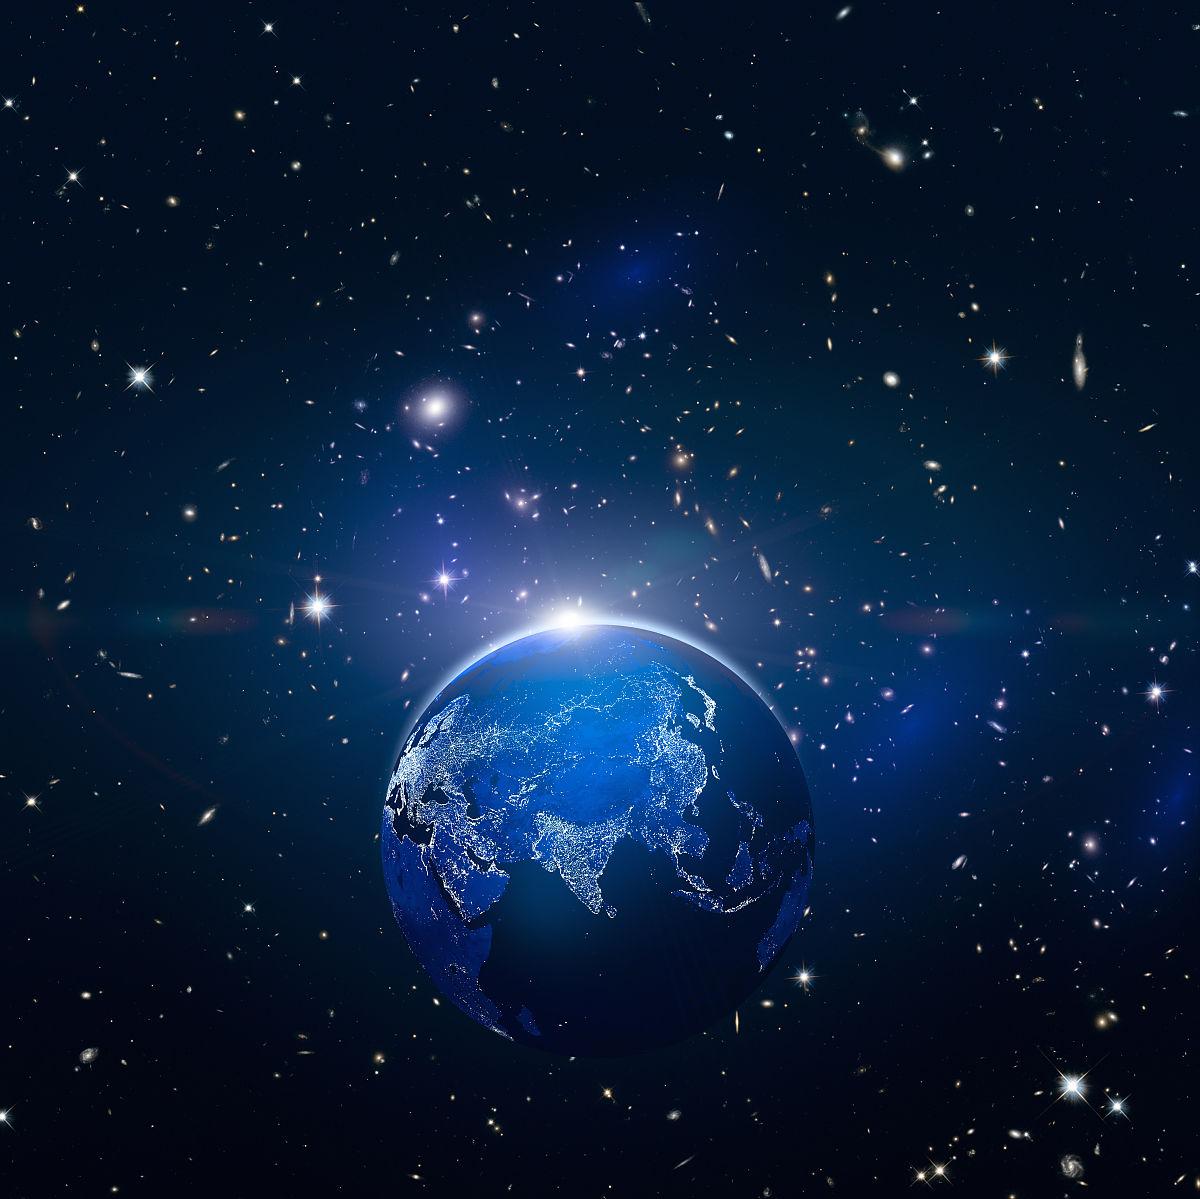 奇幻神秘的宇宙星空和发光的地球